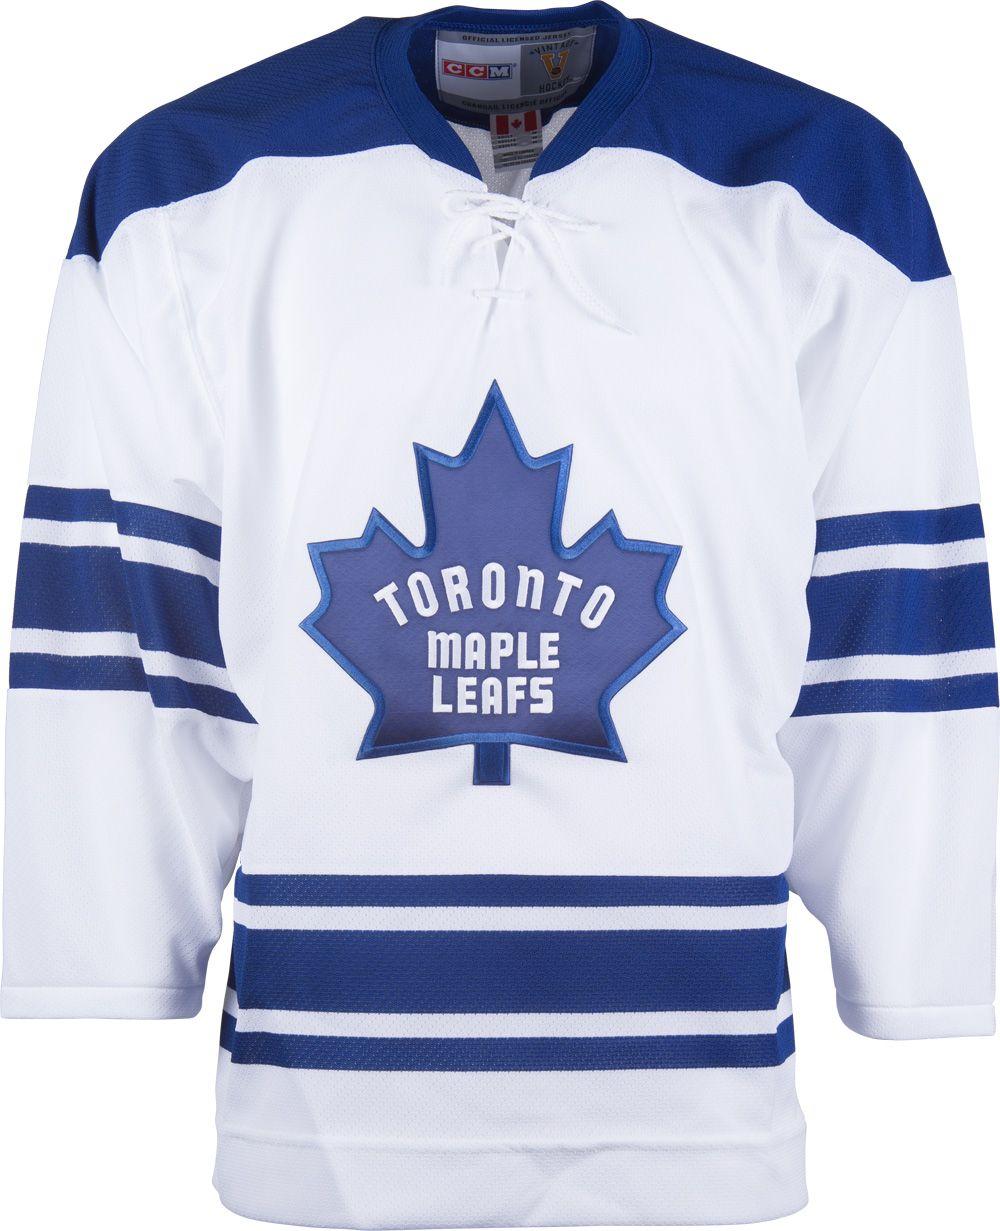 buy online 373e3 ae338 Toronto Maple Leafs CCM Vintage 1967 White Replica NHL ...